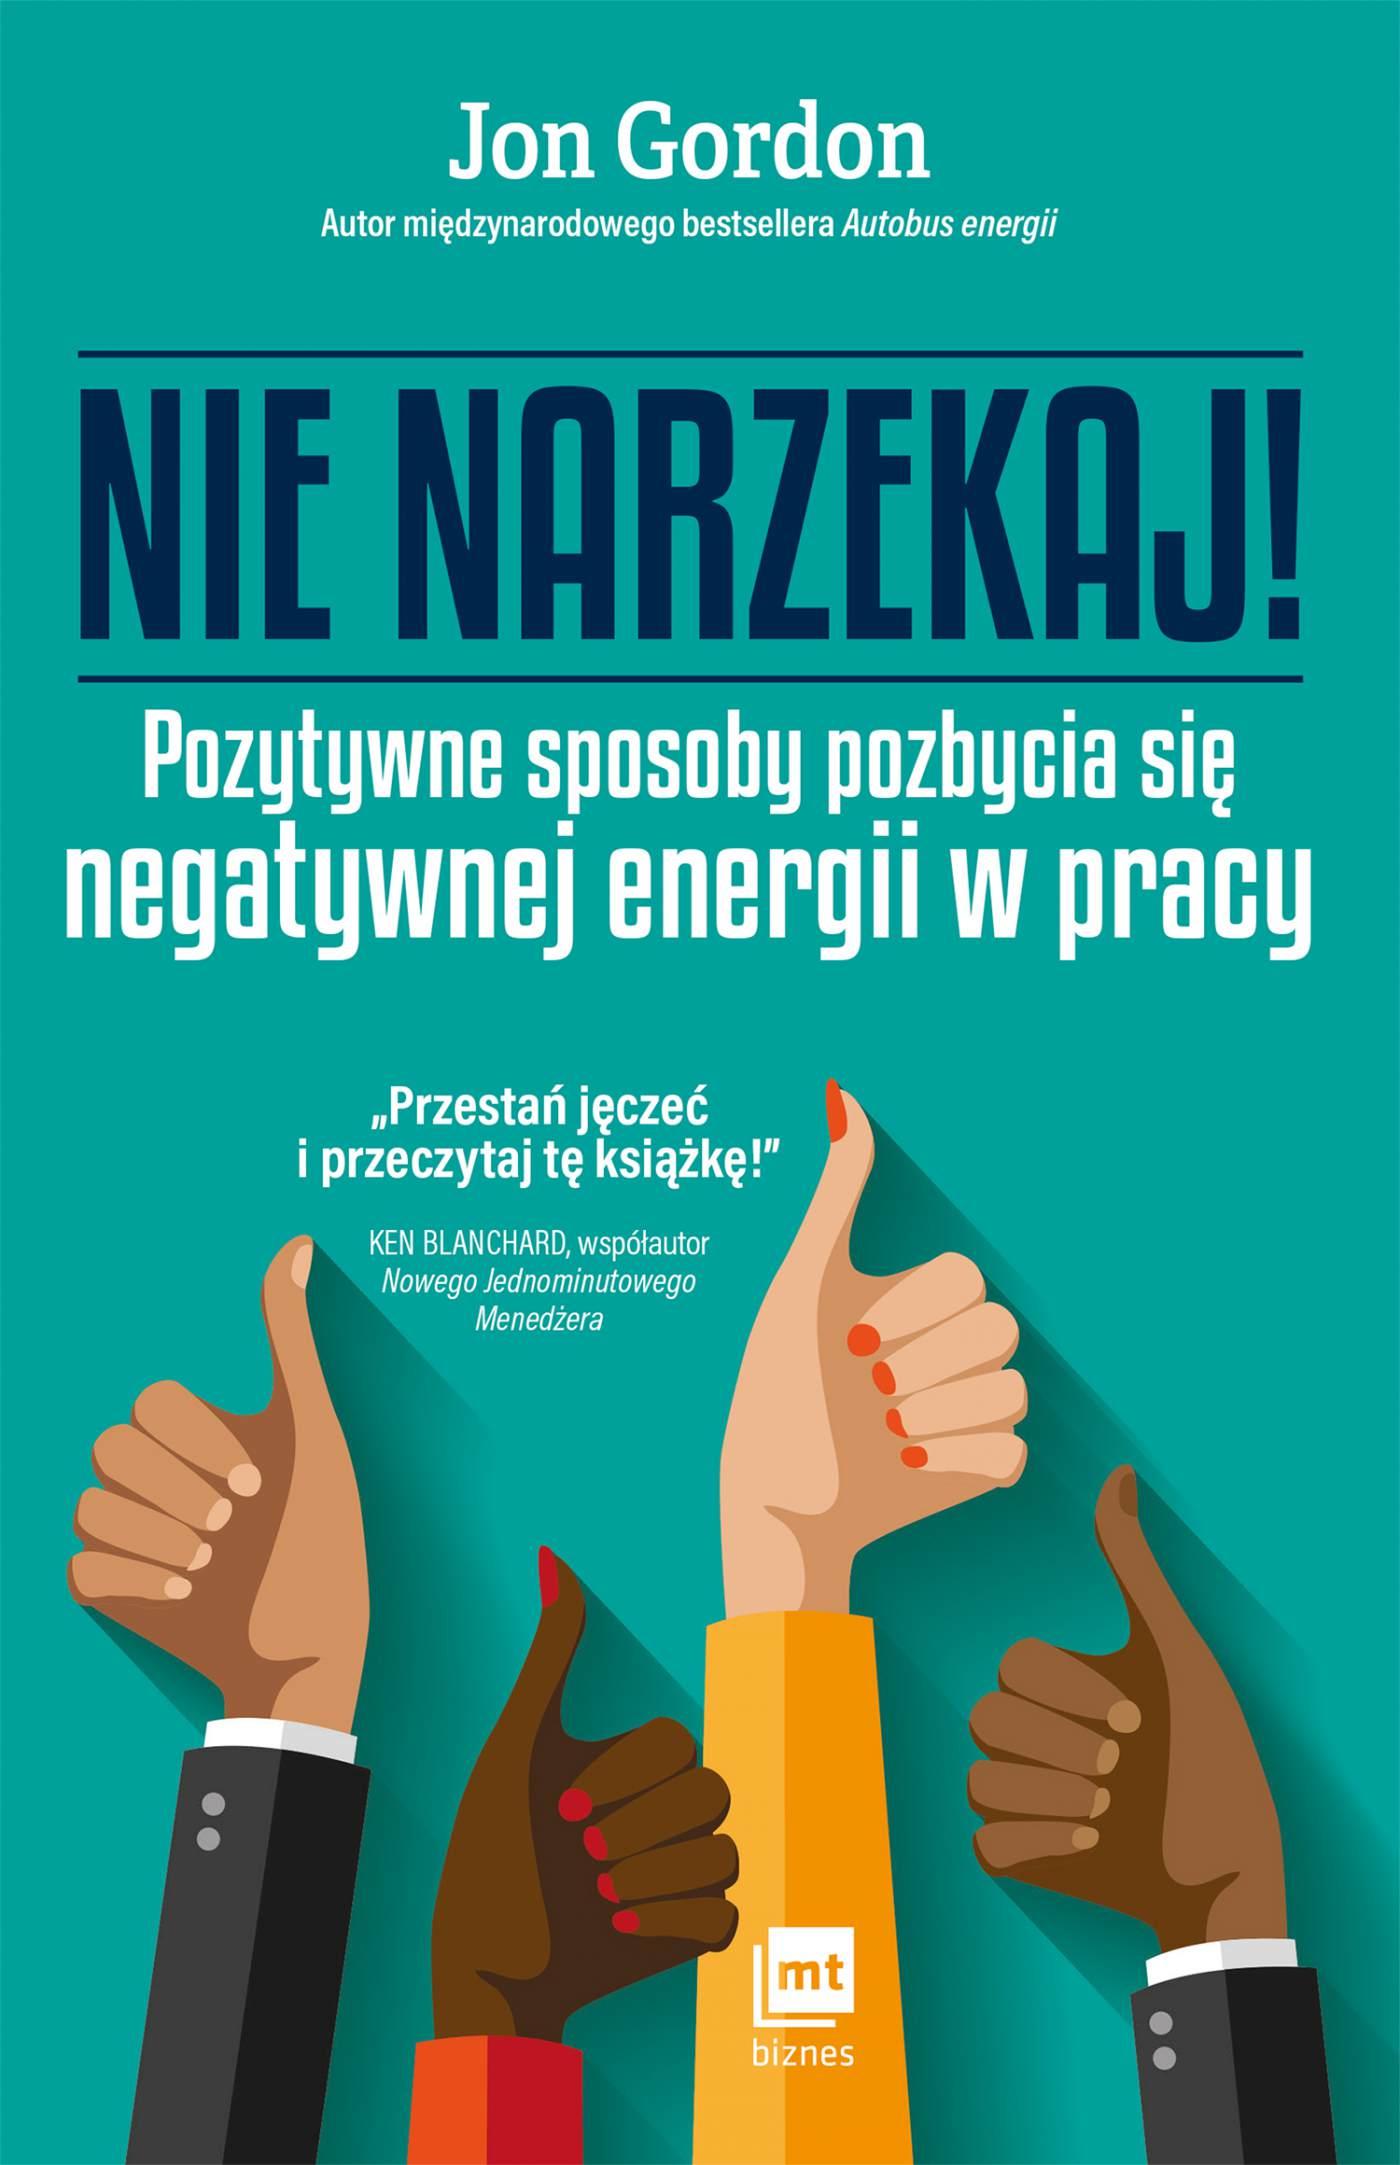 Nie narzekaj! Pozytywne sposoby pozbycia się negatywnej energii w pracy - Ebook (Książka EPUB) do pobrania w formacie EPUB